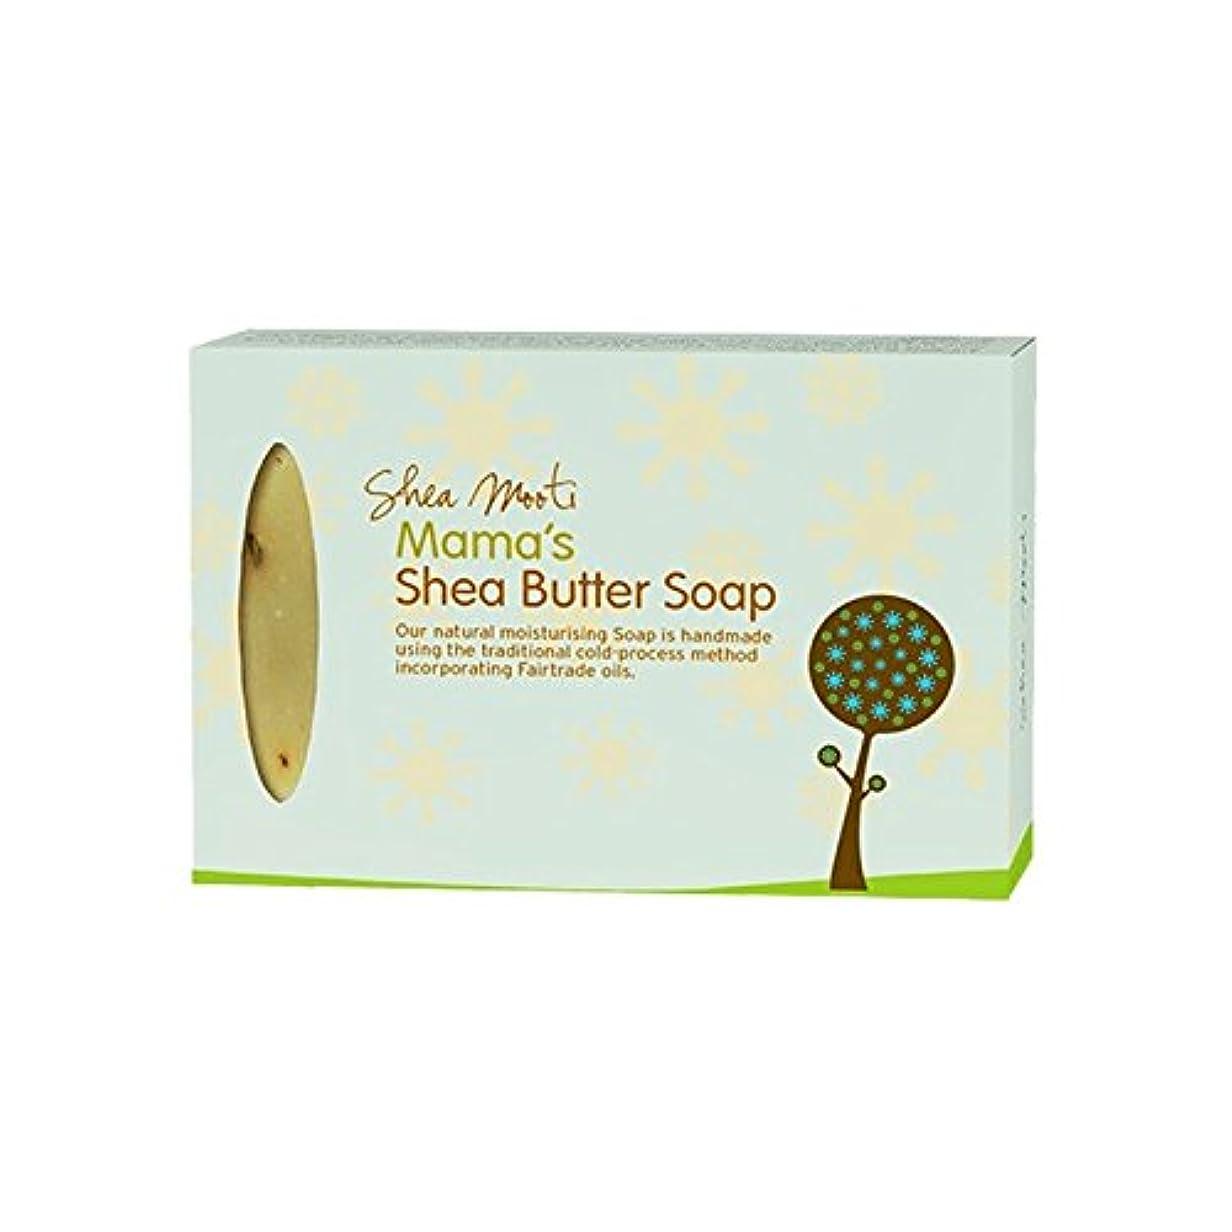 シンプトン居眠りする申込みシアバターMootiママのシアバターソープ100グラム - Shea Mooti Mama's Shea Butter Soap 100g (Shea Mooti) [並行輸入品]